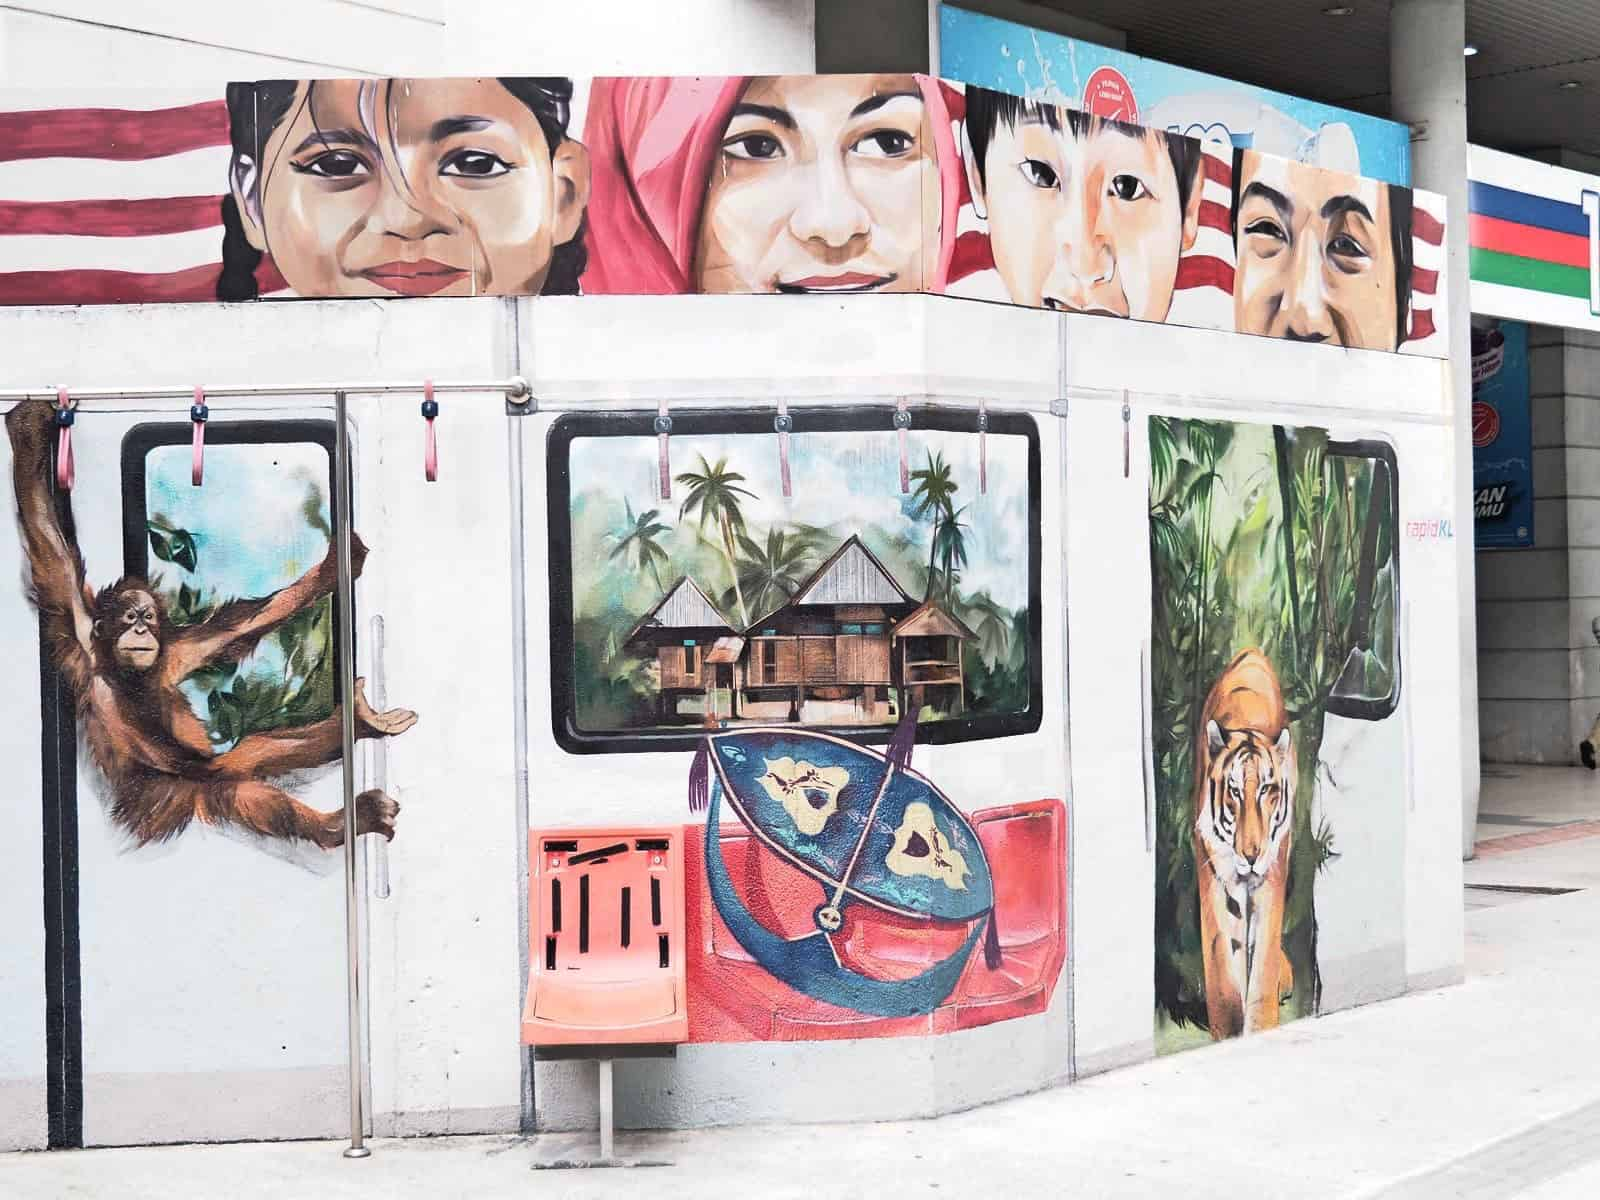 KLCC-Mural-Kuala-Lumpur-Malaysia ] Travel Mermaid